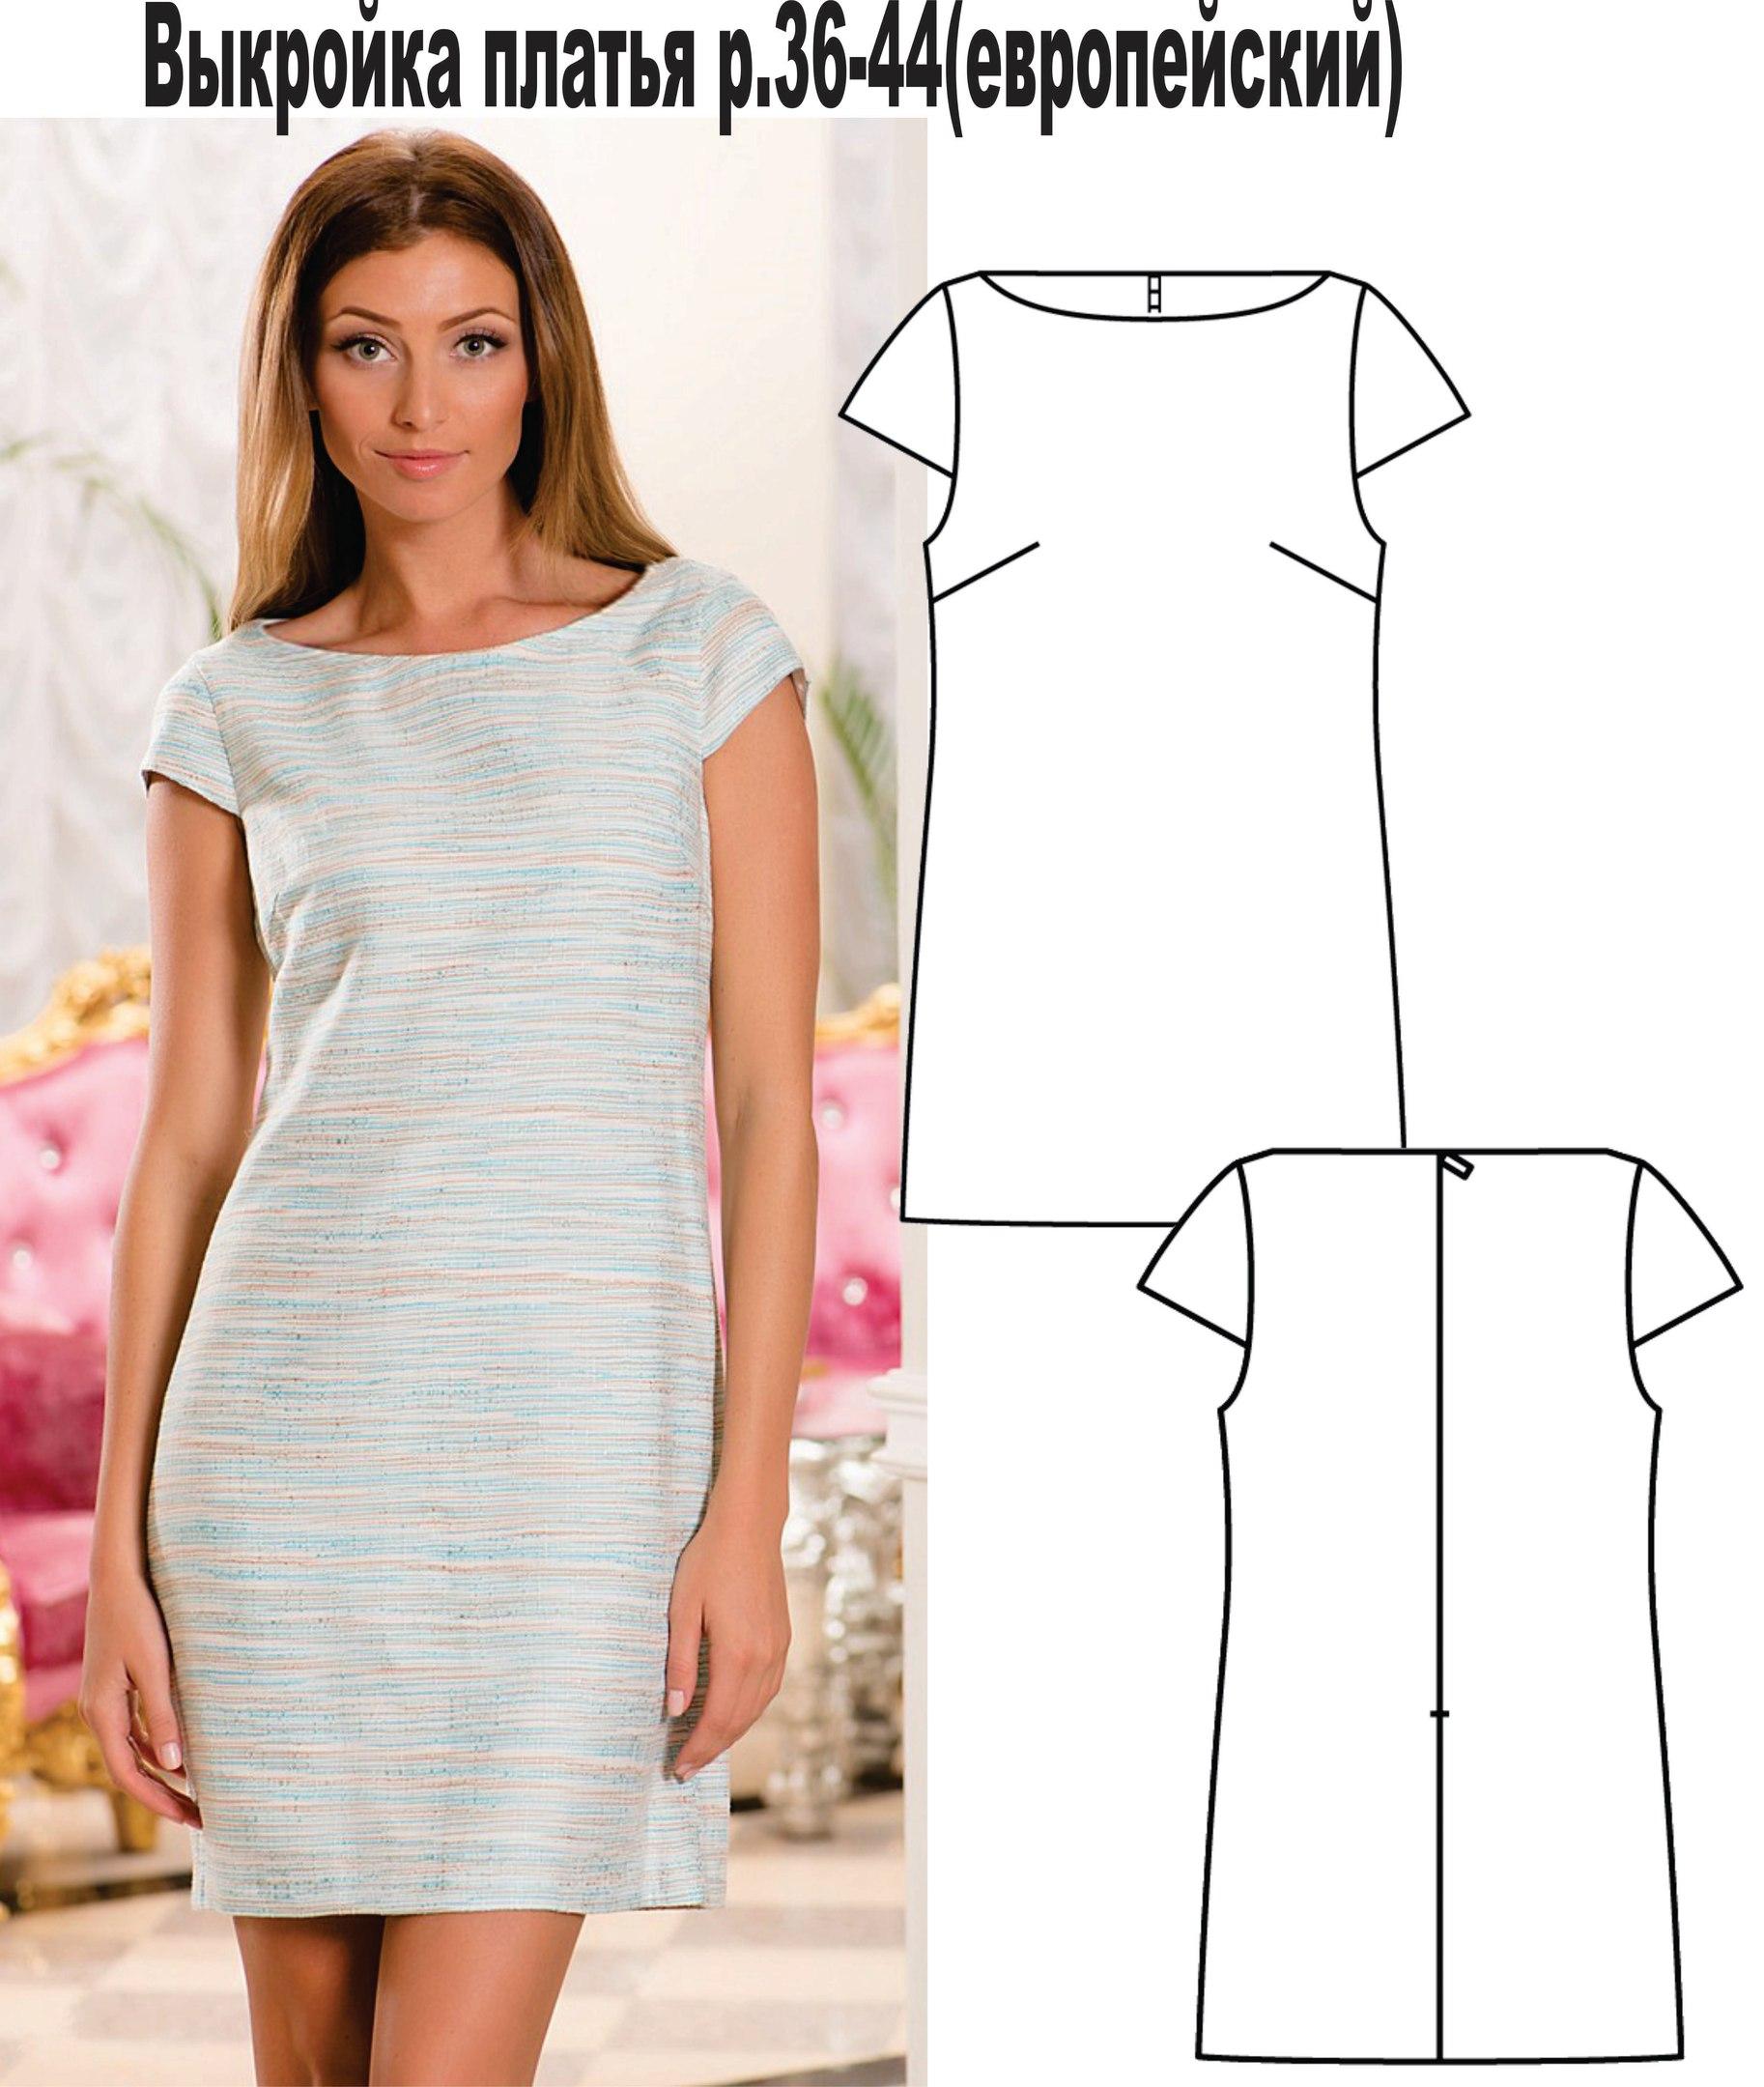 Платья прямого покроя фото с выкройками